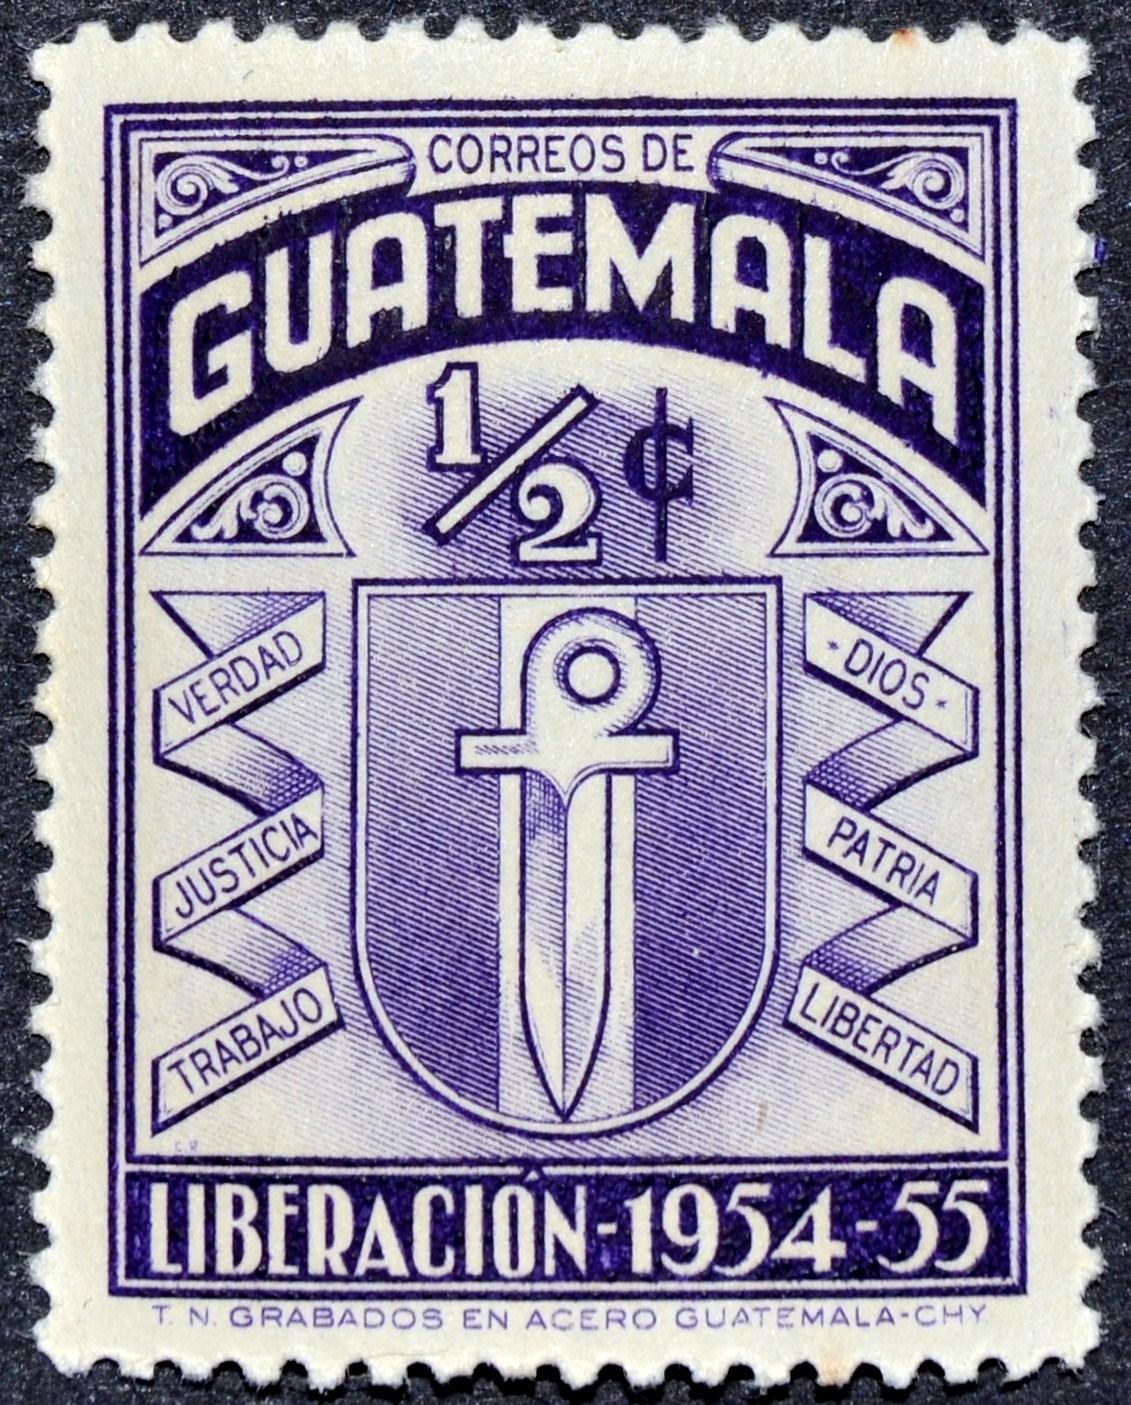 Sello conmemorativo del triunfo del Movimiento de Liberación Nacional